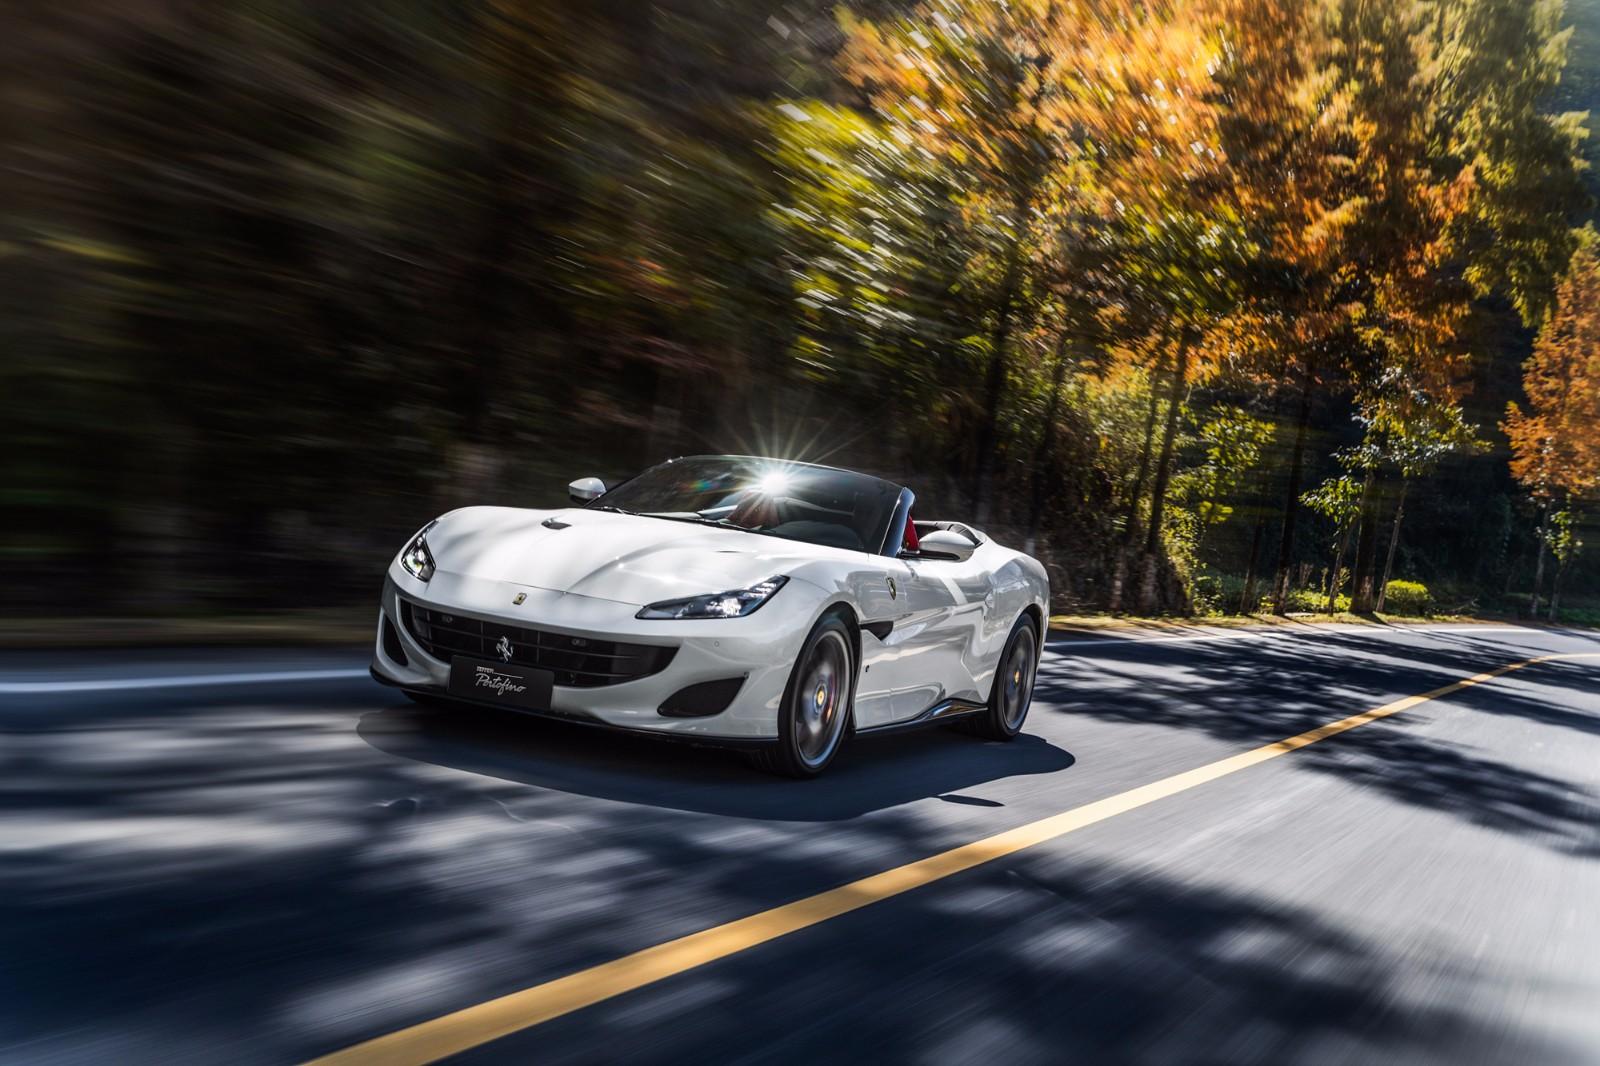 试法拉利Portofino,热爱跑车,也可以是一种生活方式